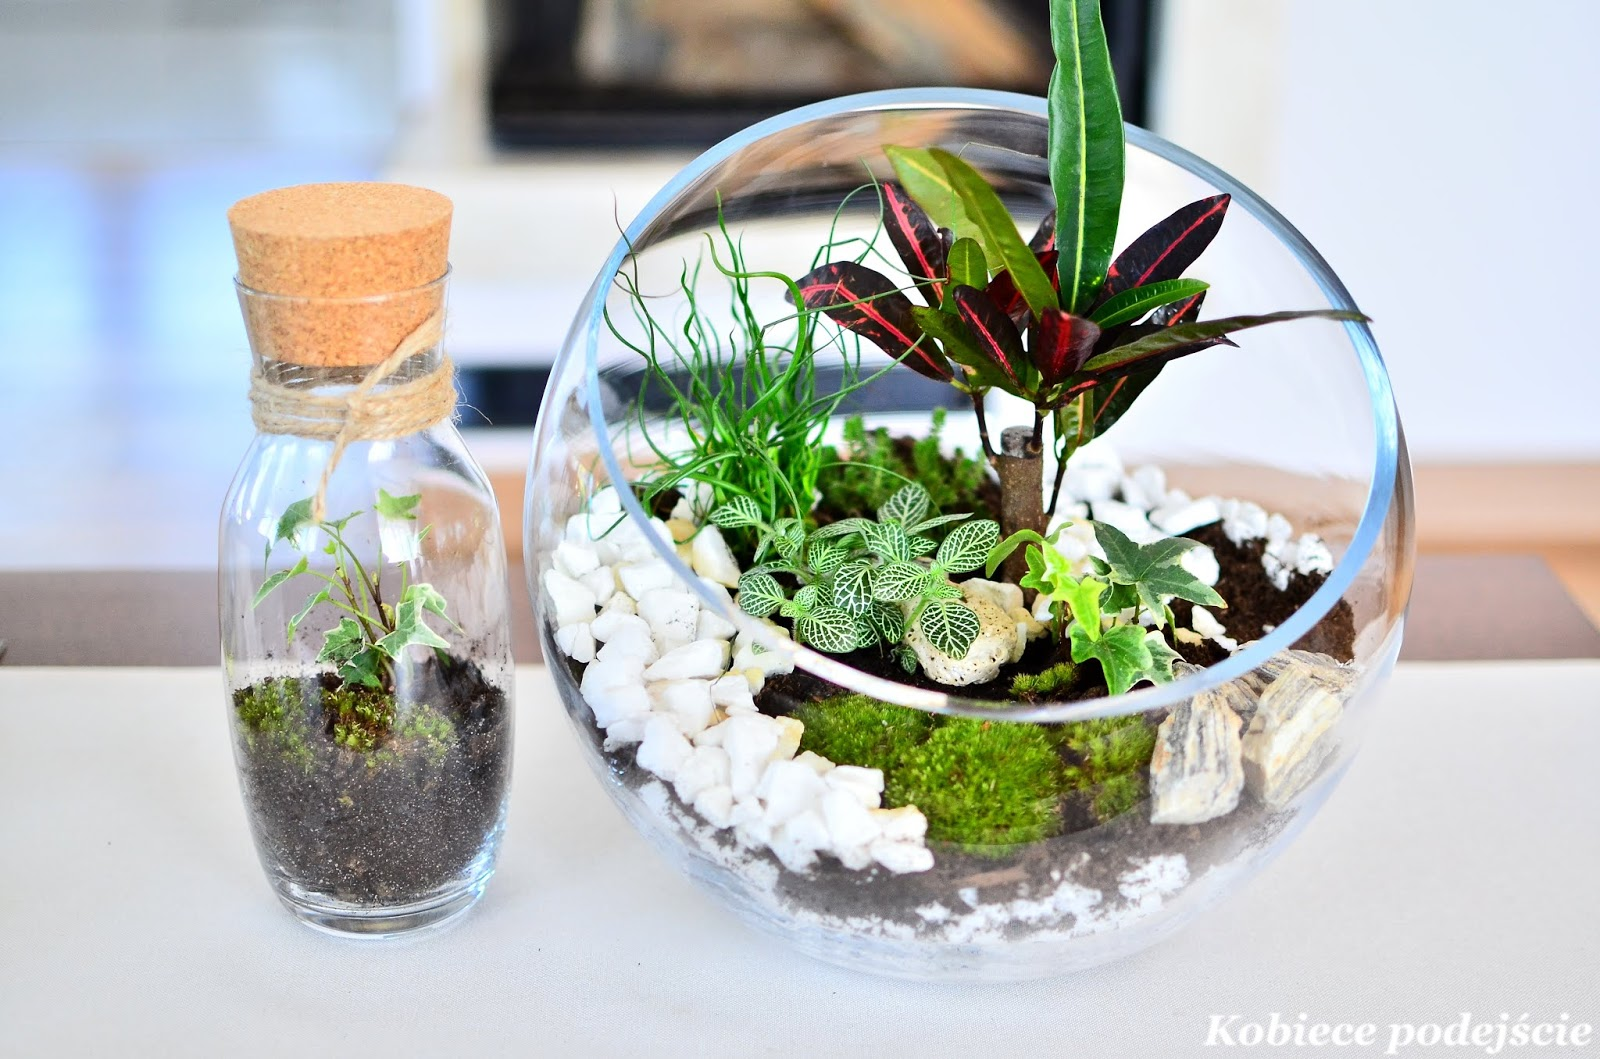 Rośliny w szkle – zakładanie krok po kroku